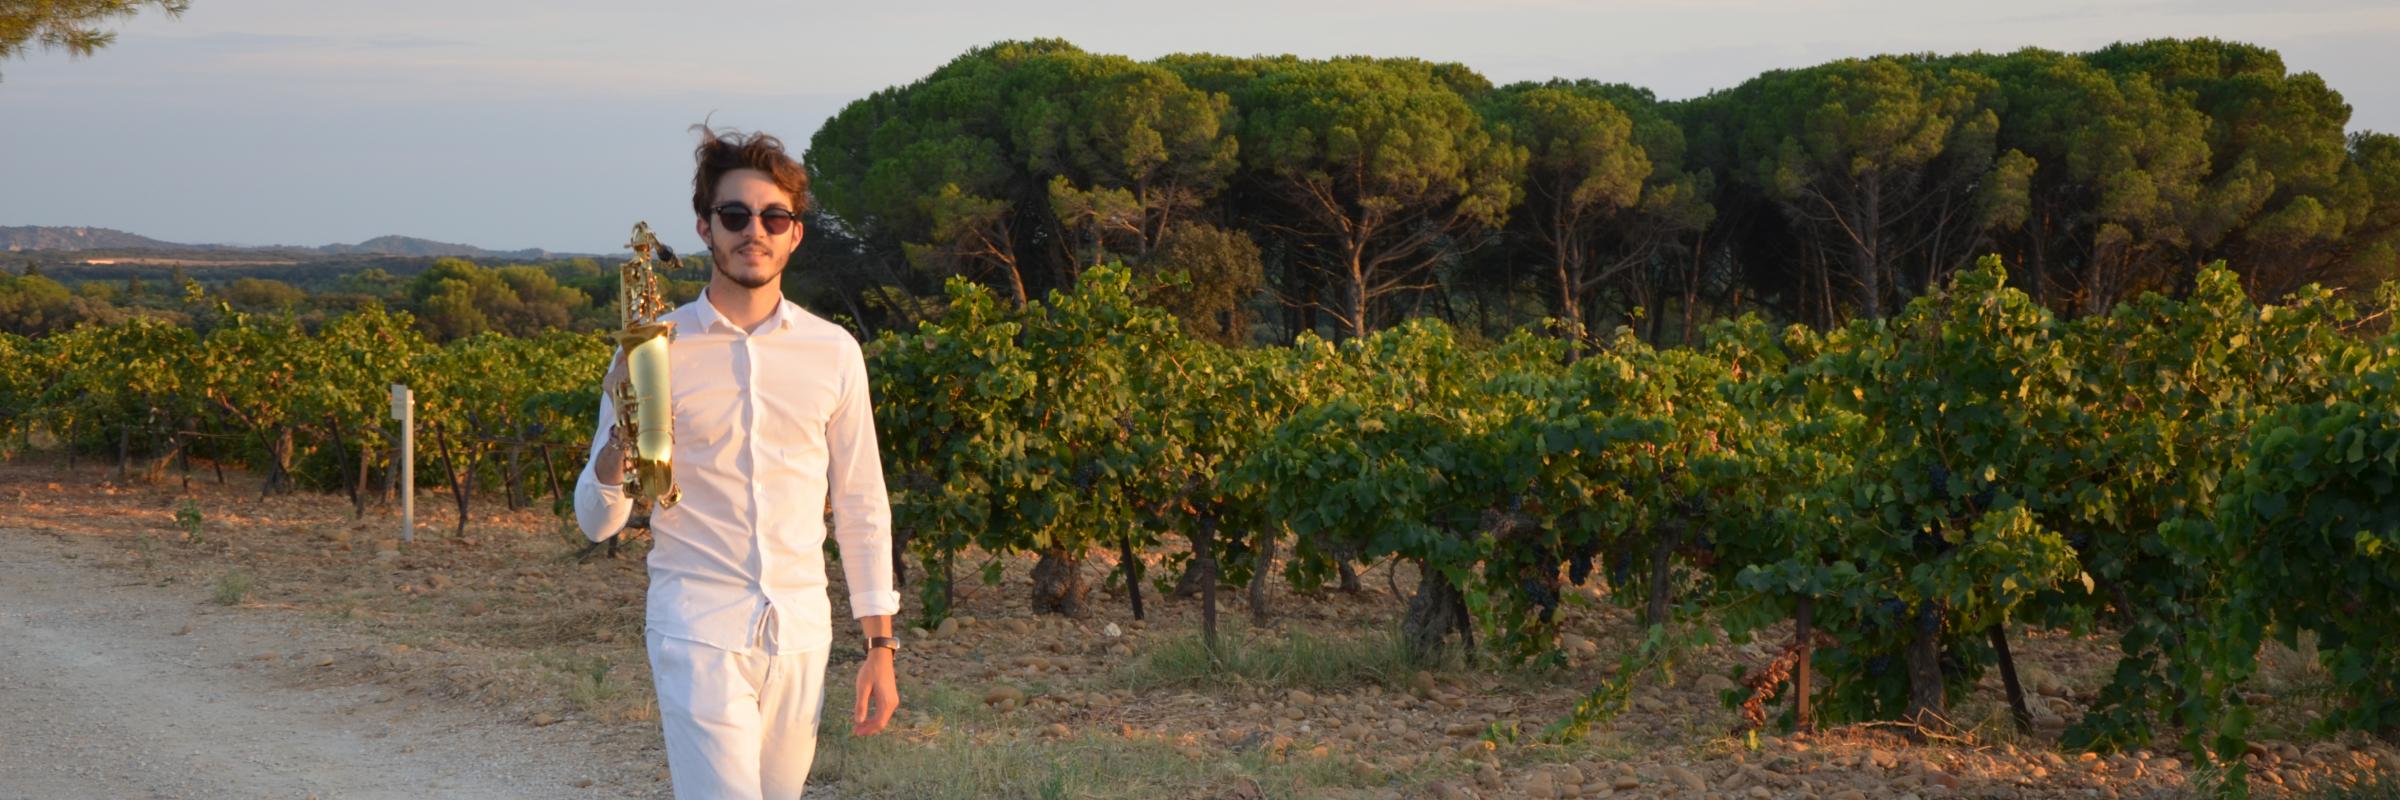 Léo Piard, musicien Electronique en représentation à Vaucluse - photo de couverture n° 1